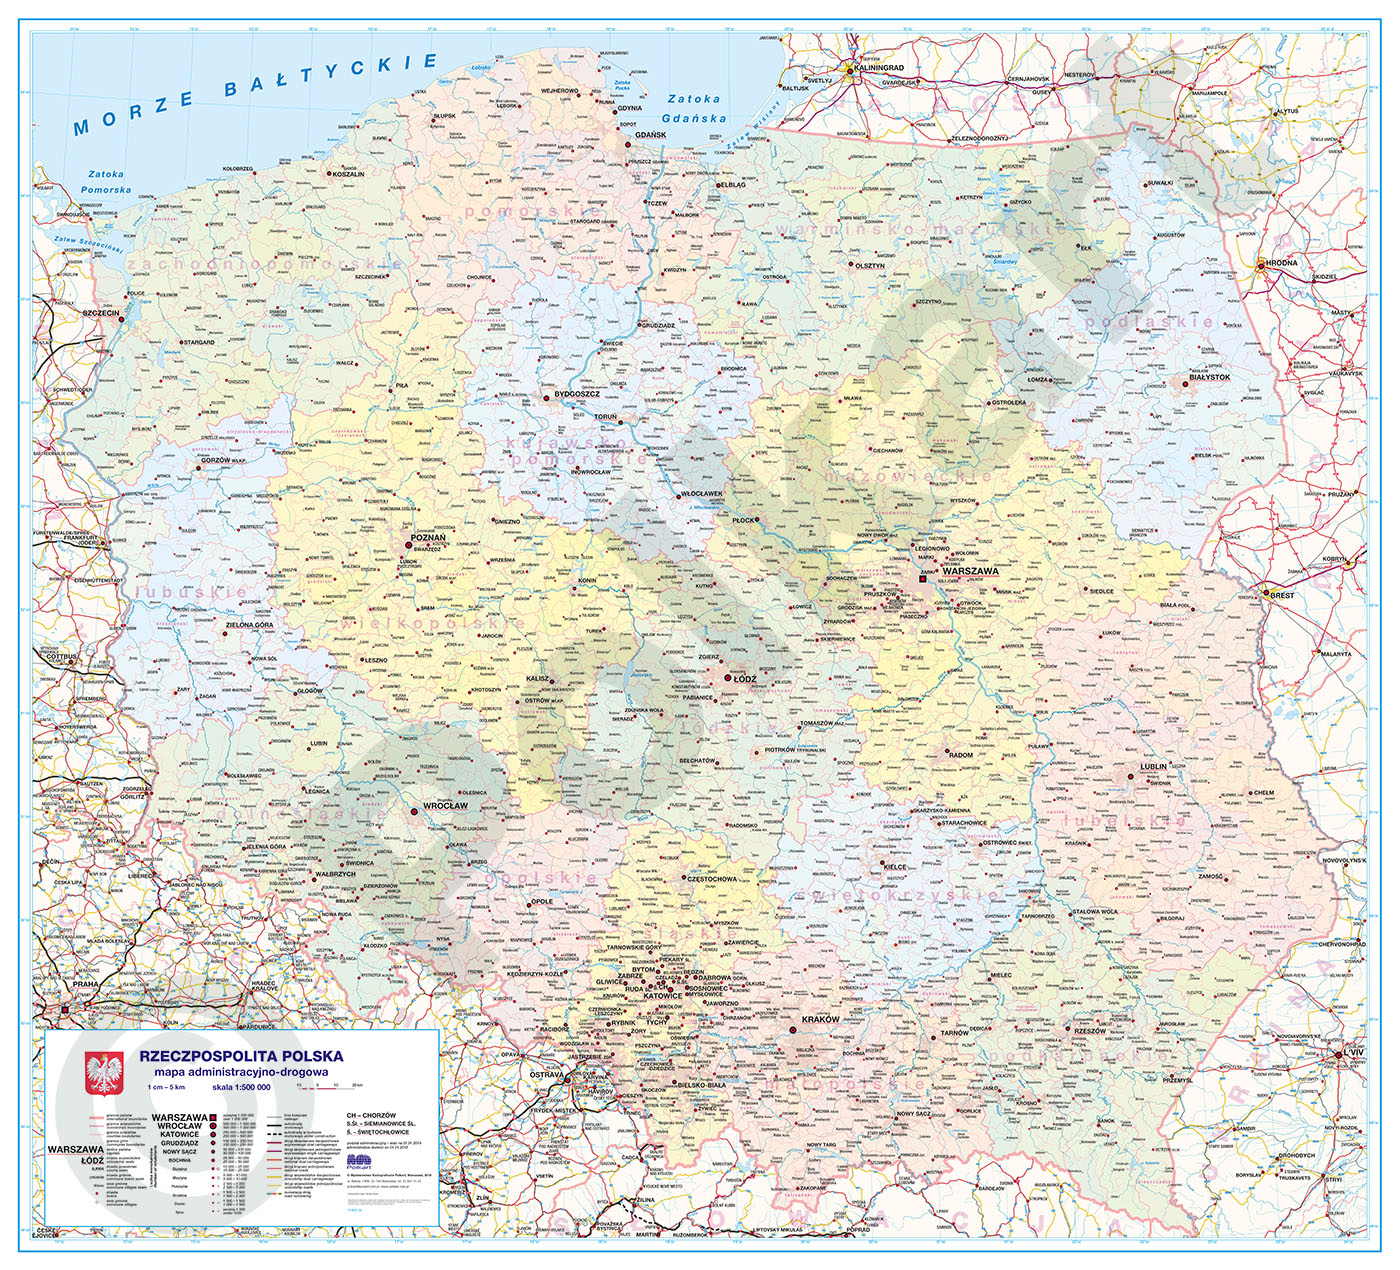 Mapy Polski Duze I Wielkiewydawnictwo Kartograficzne Polkart